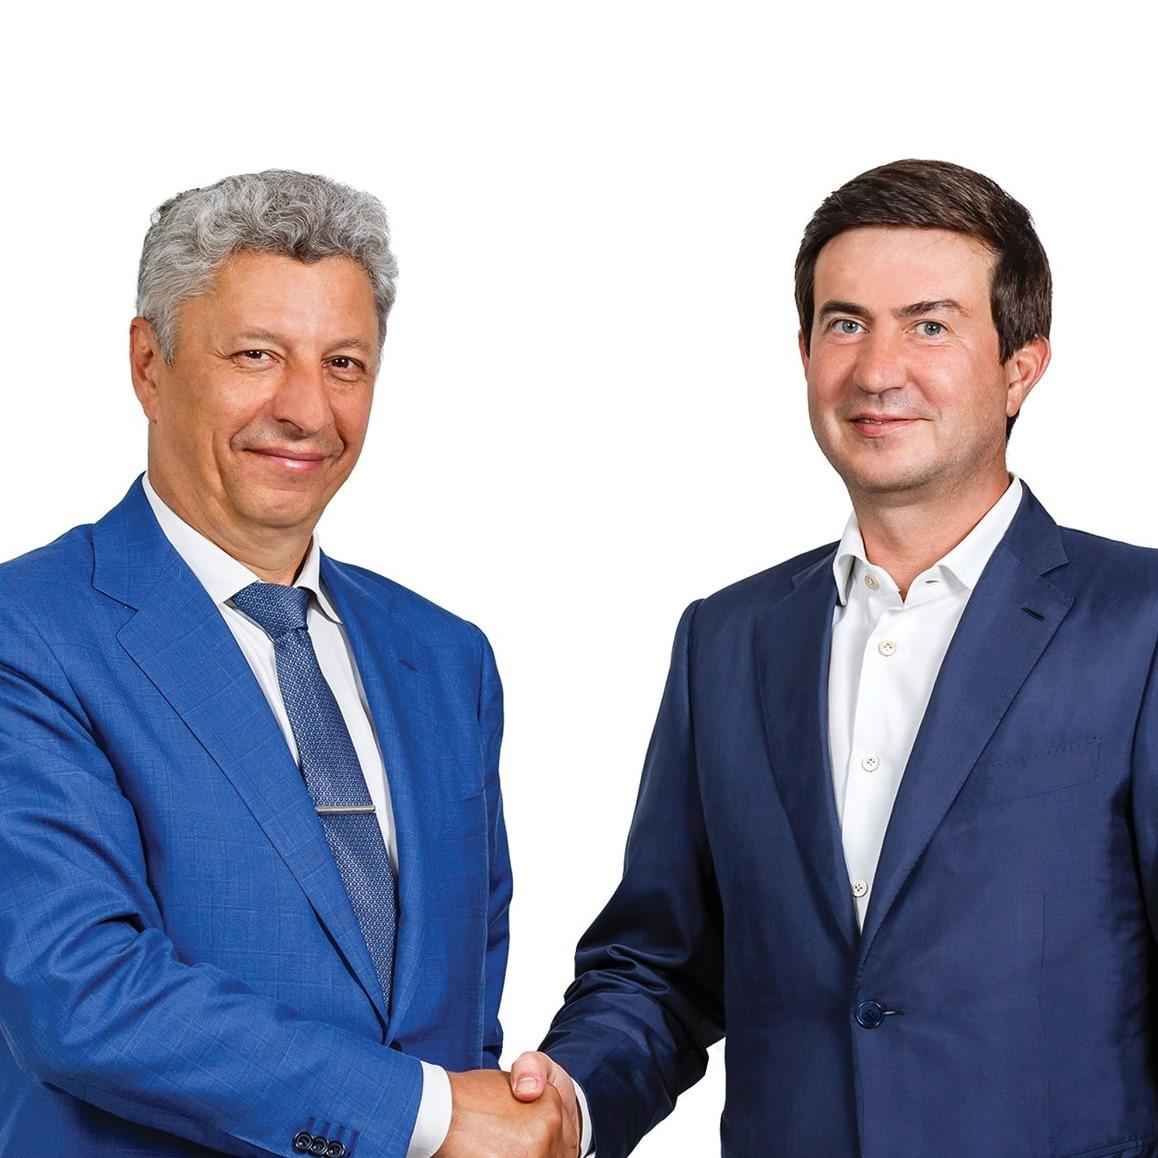 Солод Юрій (фото: фейсбук)